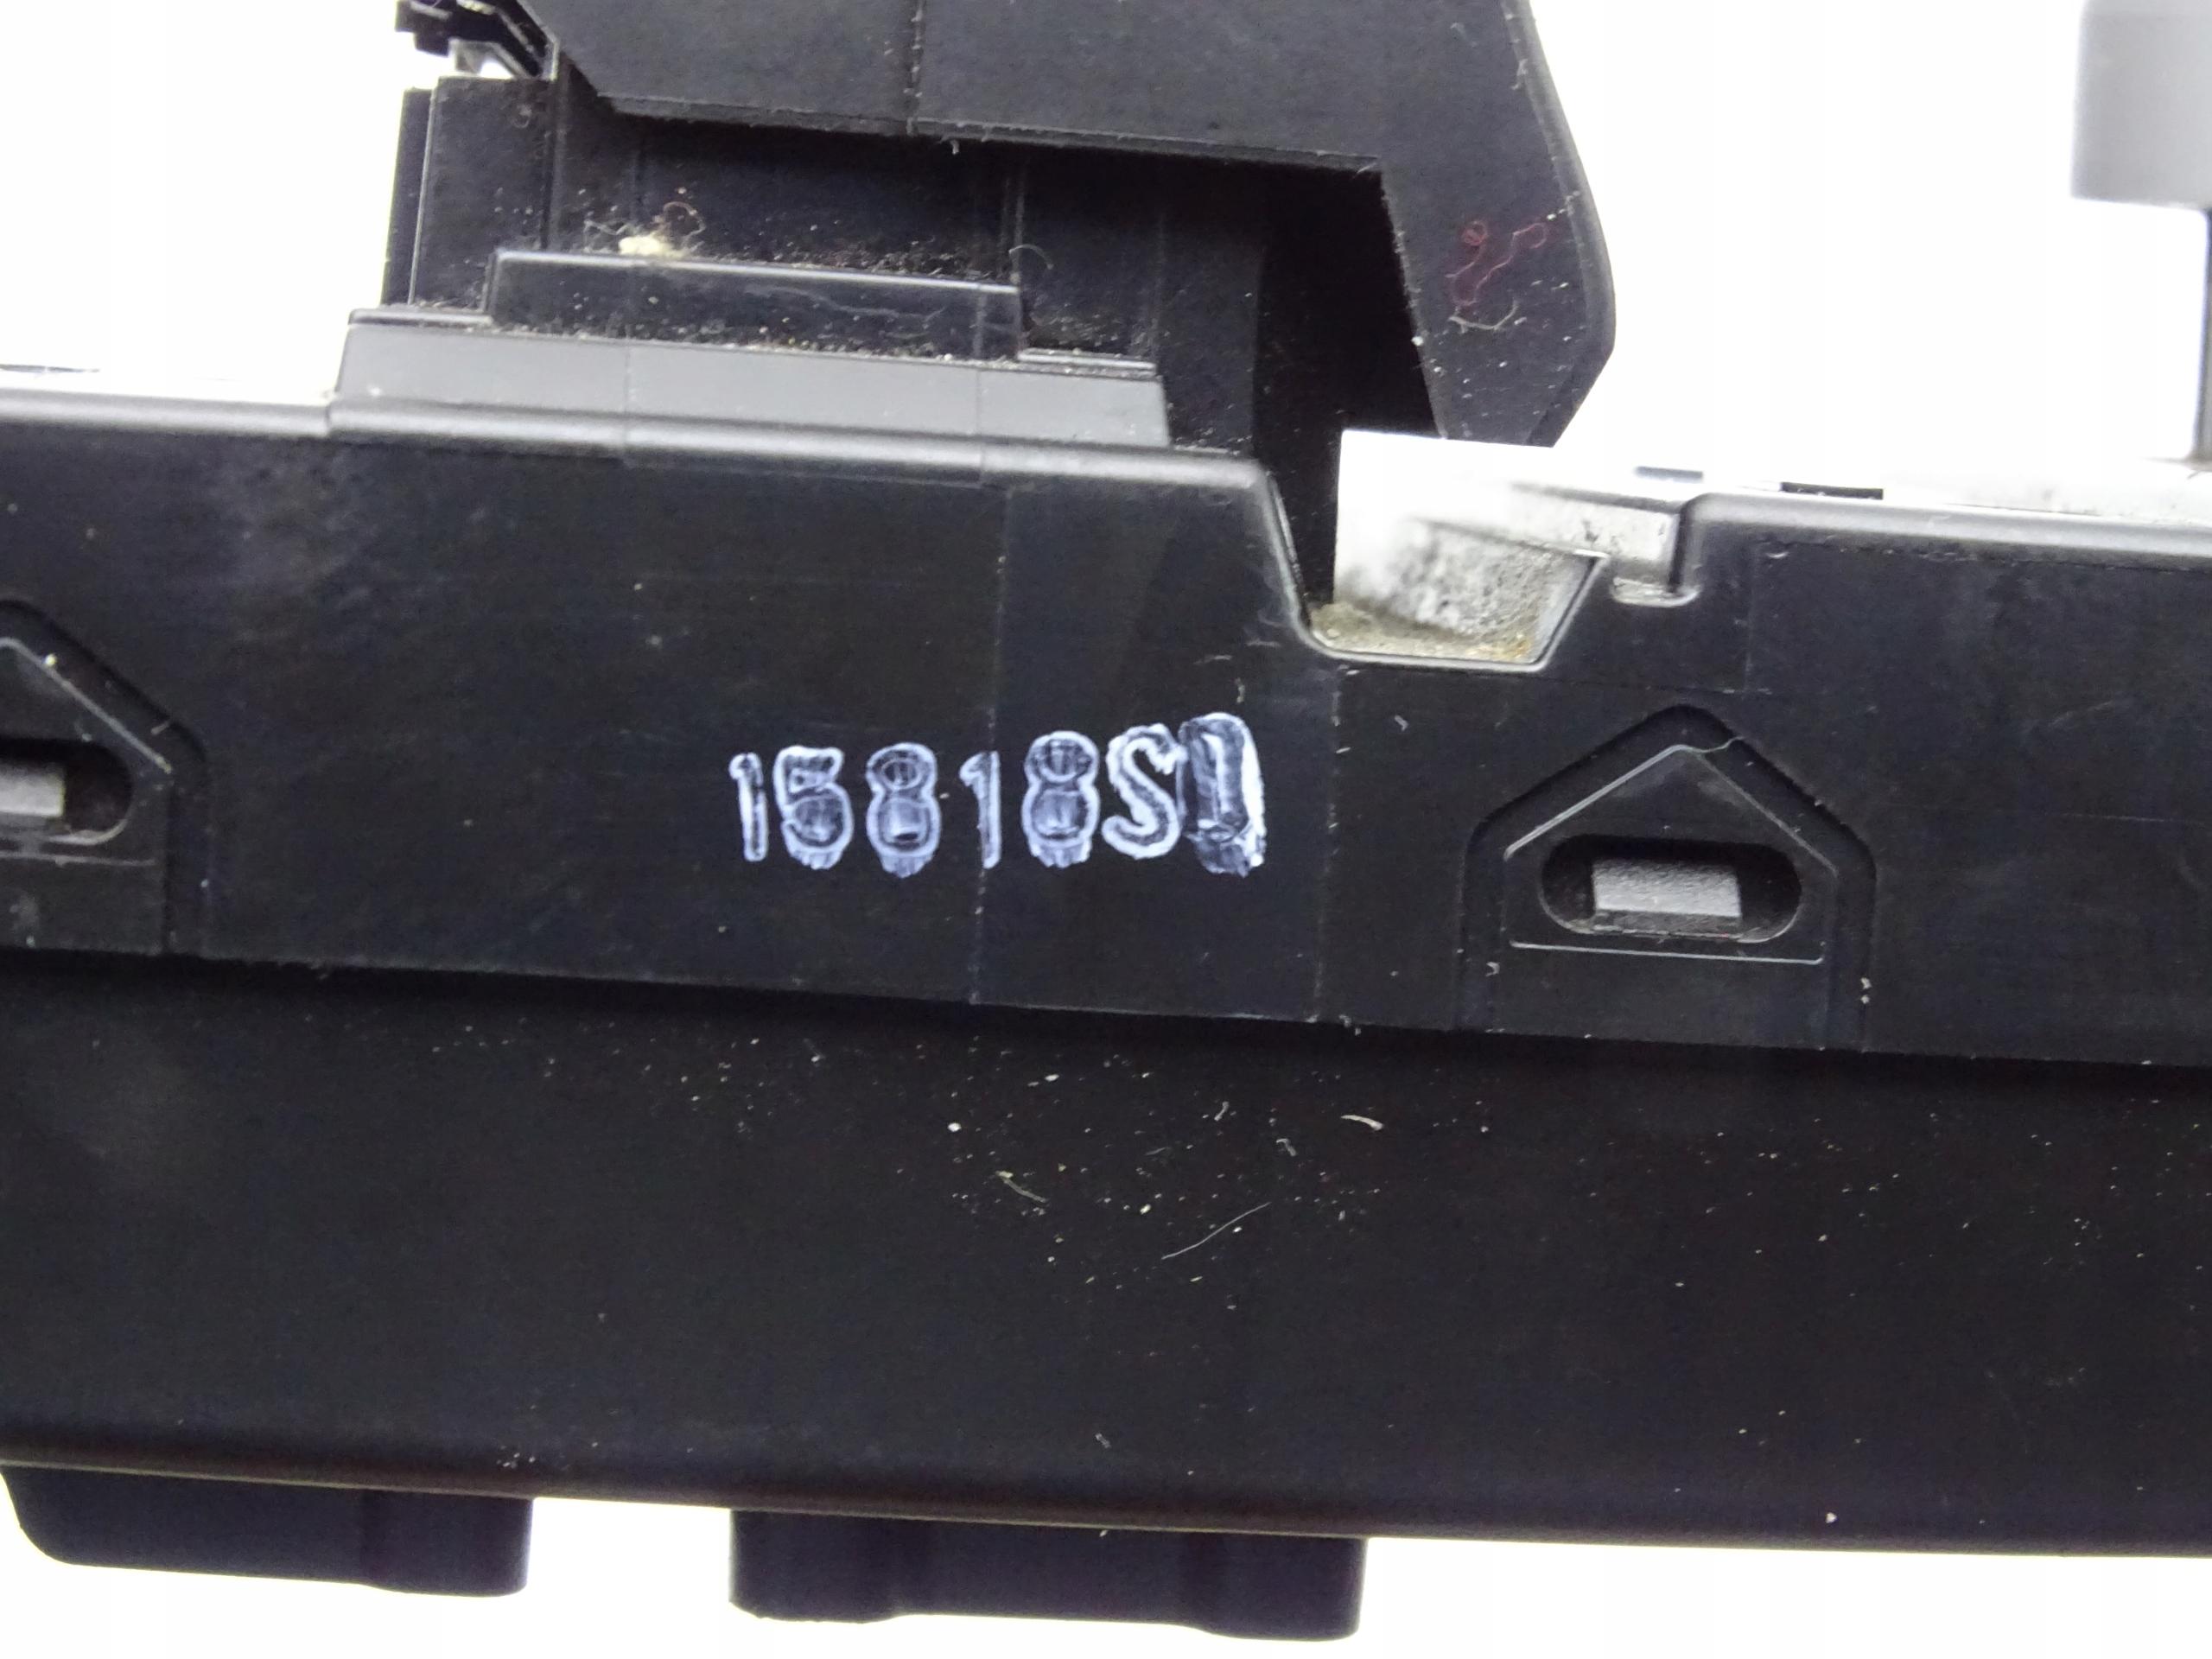 KAPAYONO Reemplazo de Interruptor de Ventana de Energ/íA de Pasajeros para Navara D22 2003-2016 Patrol GU Y61